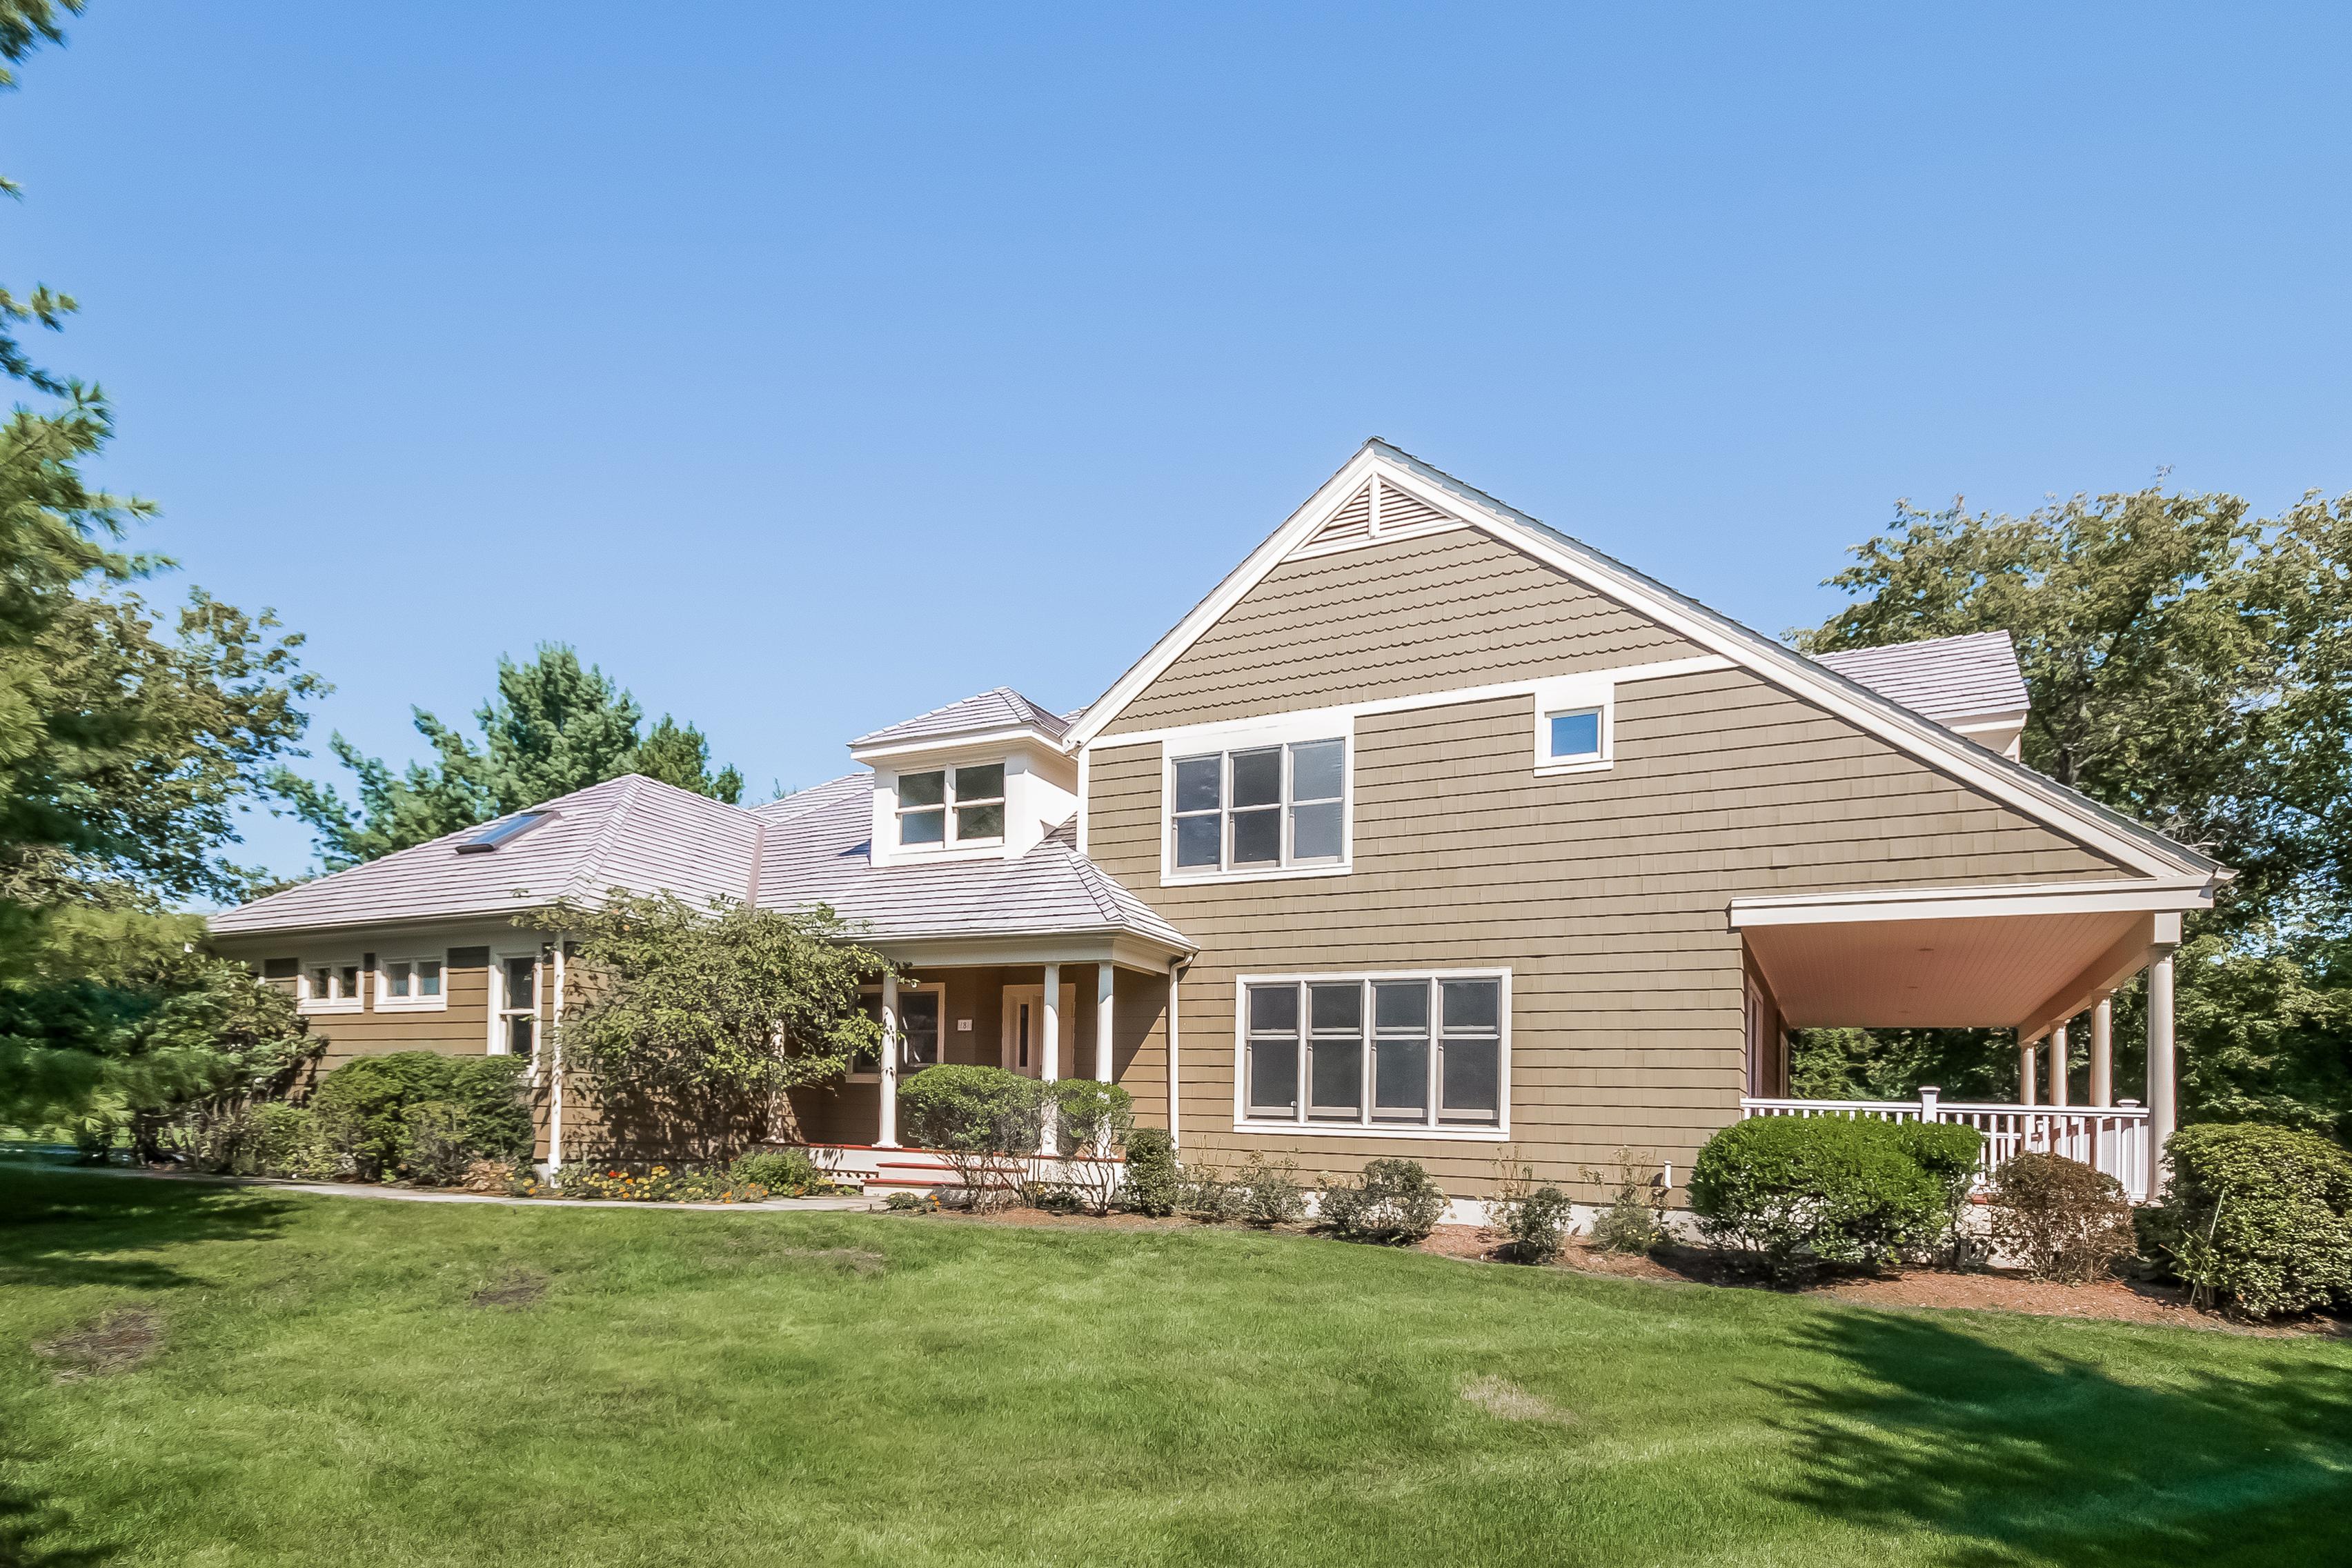 独户住宅 为 销售 在 Greens Farms 8 Sherwood Farms Westport, 康涅狄格州 06880 美国